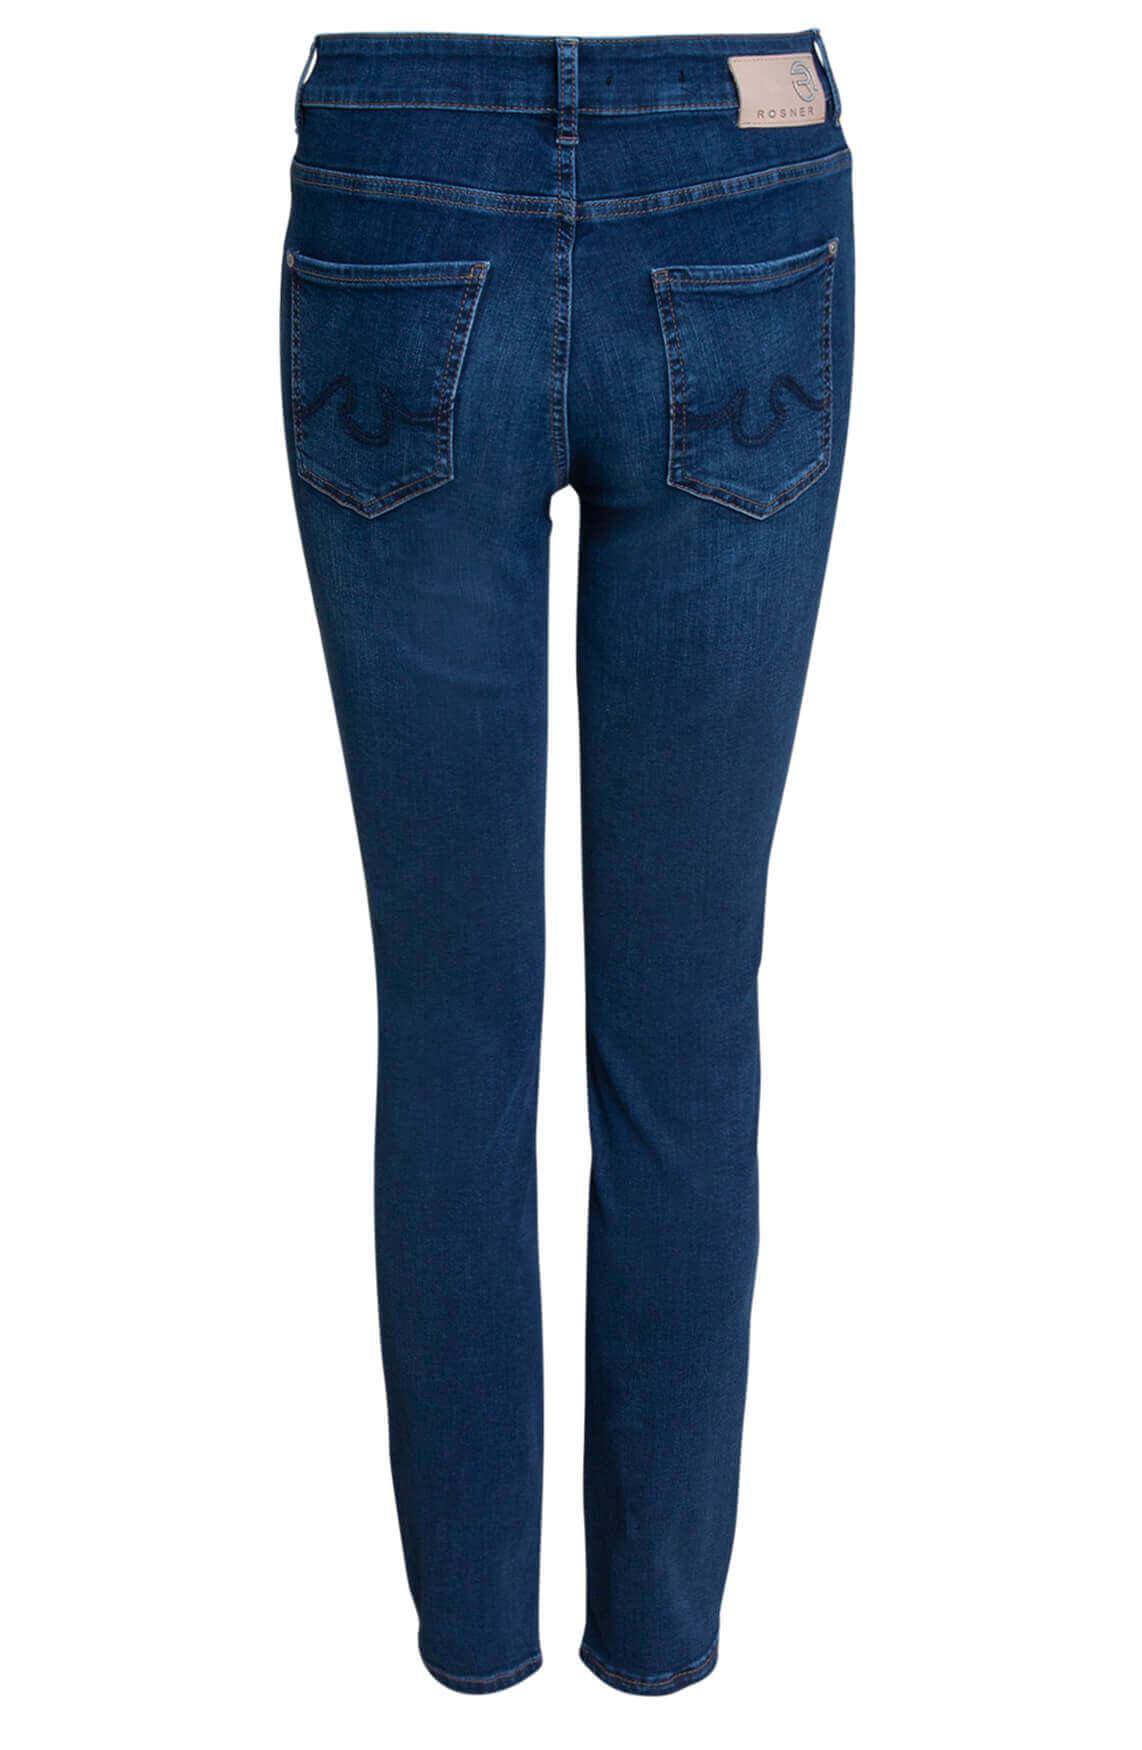 Rosner Dames L30 Audrey jeans Blauw